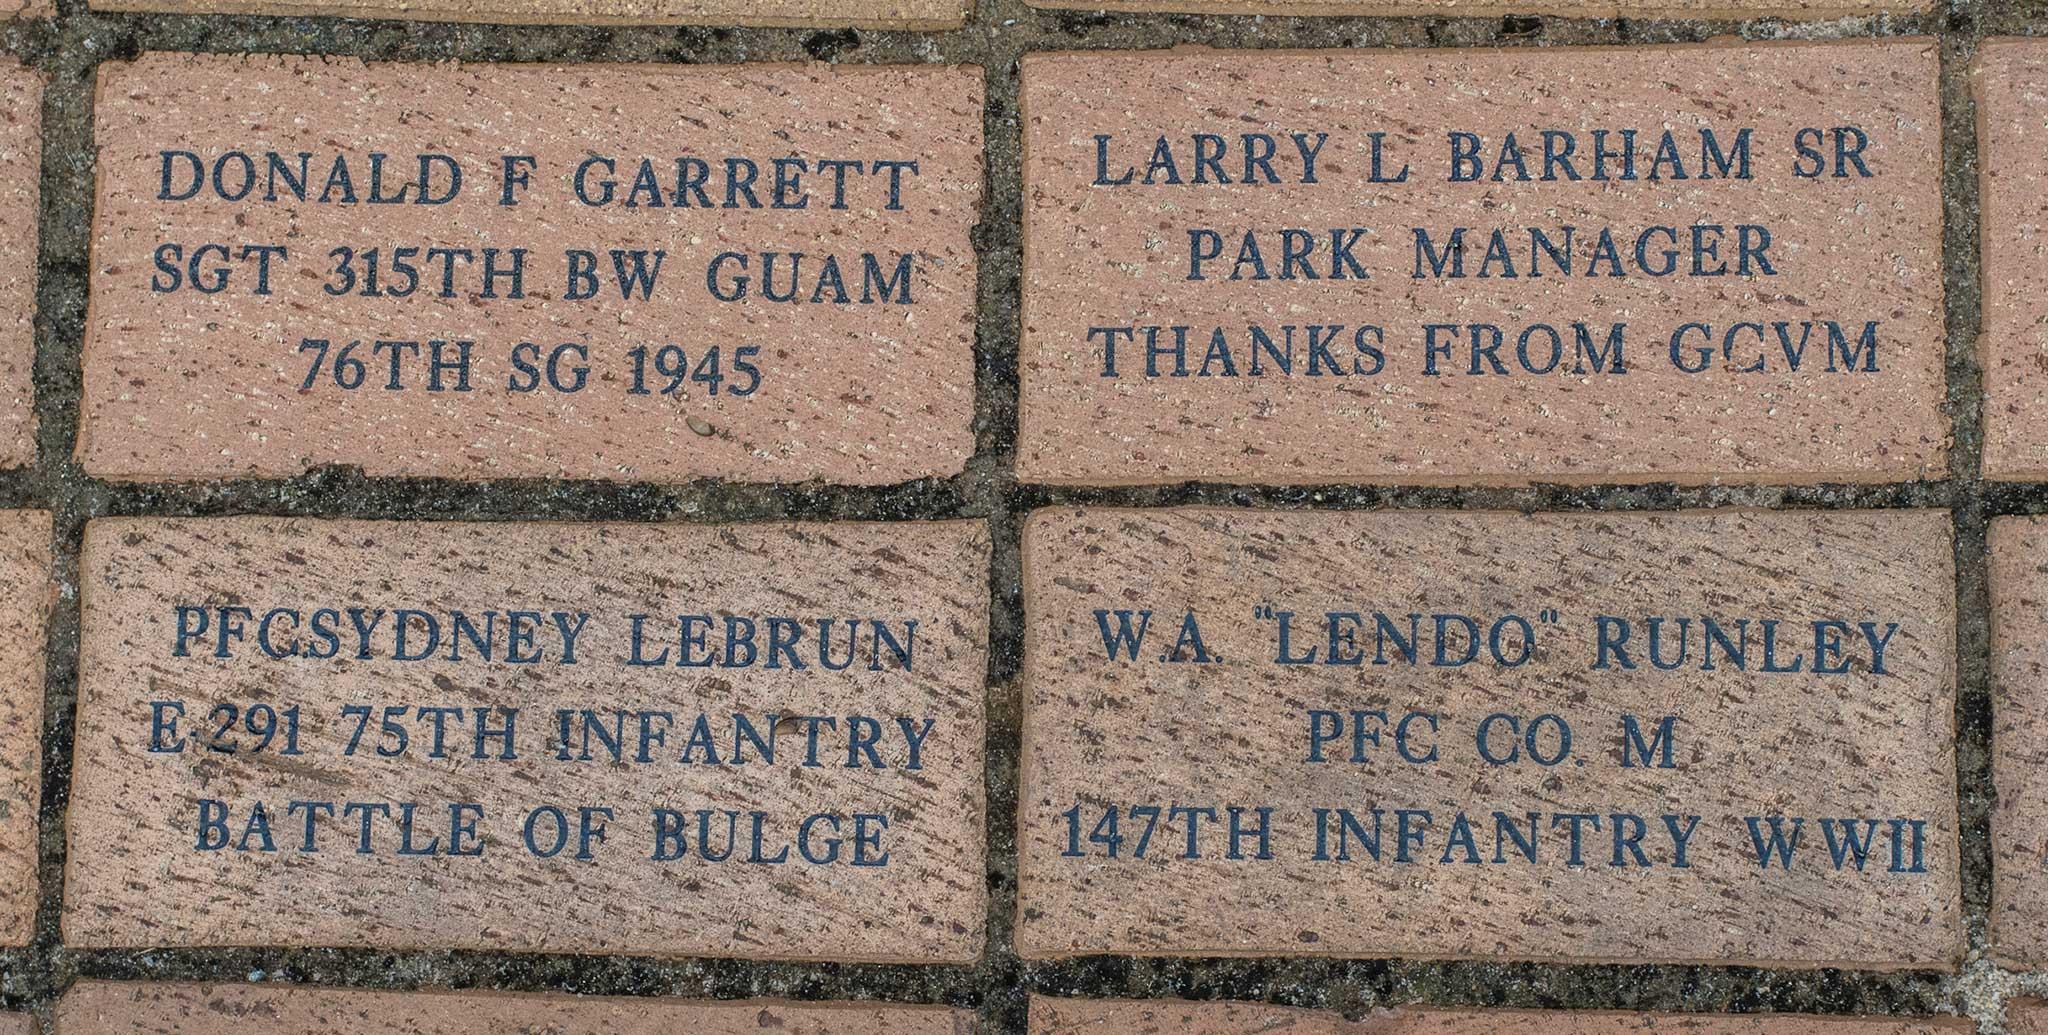 LARRY L BARHAM SR PARK MANAGER THANKS FROM GCVM